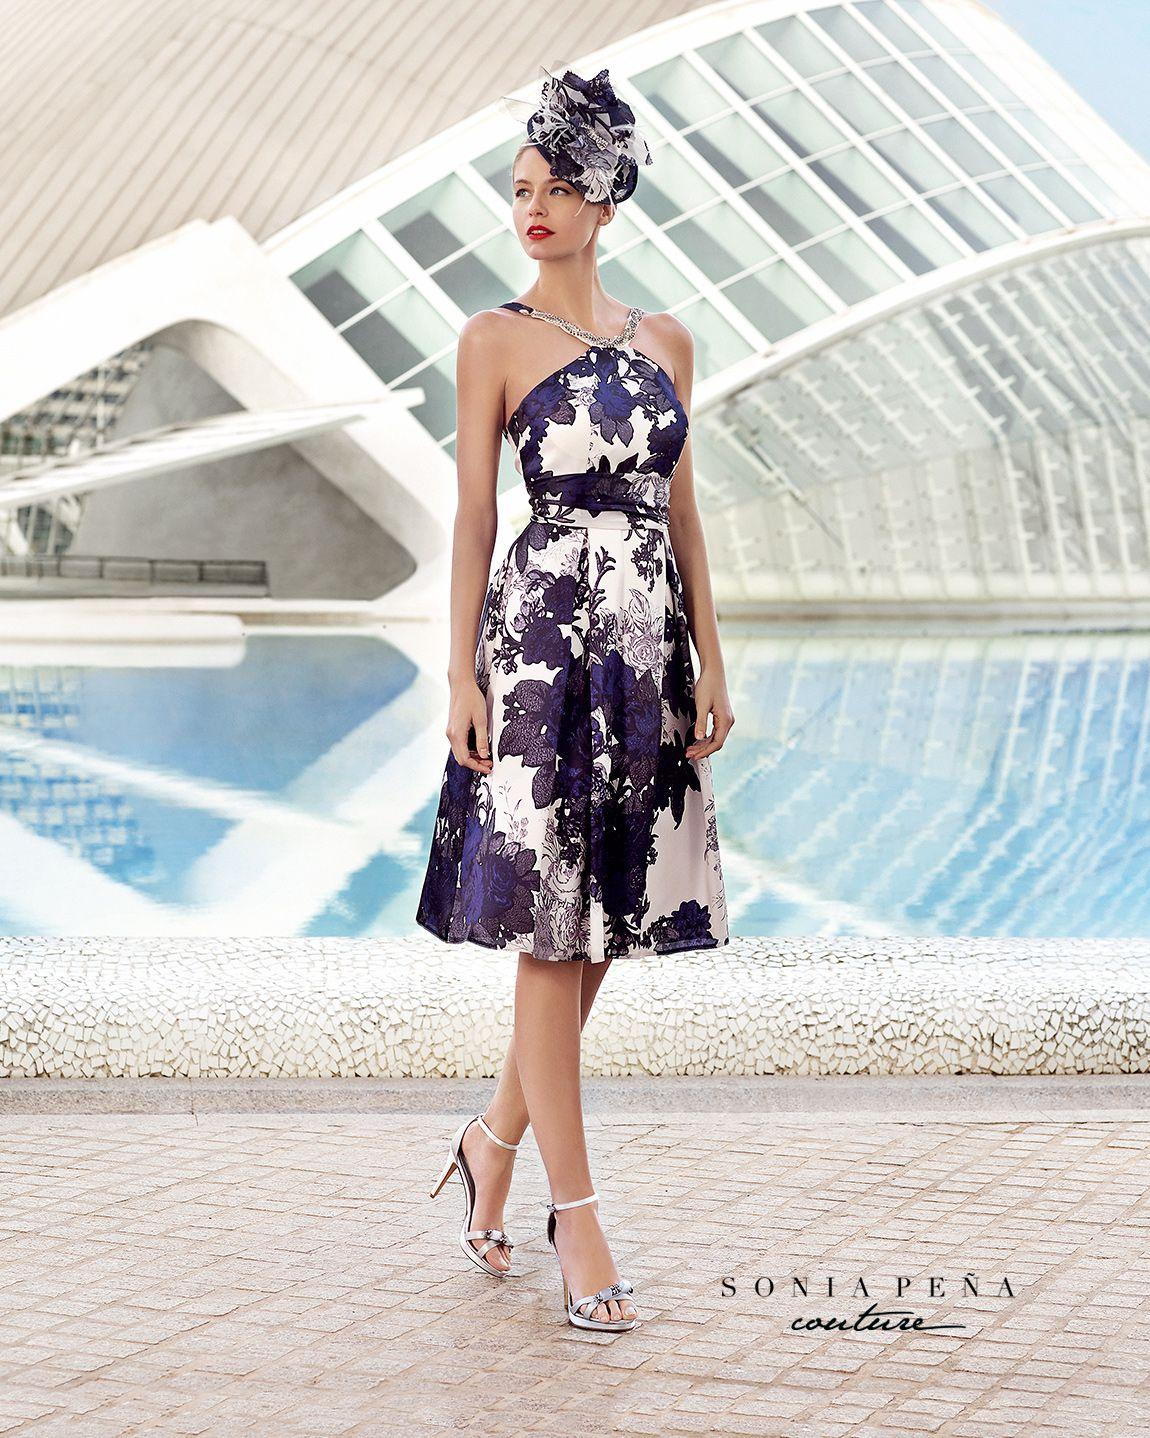 fd19dbc83 Uno de mis vestidos favoritos de Sonia Peña . Ref: 1170400 ...